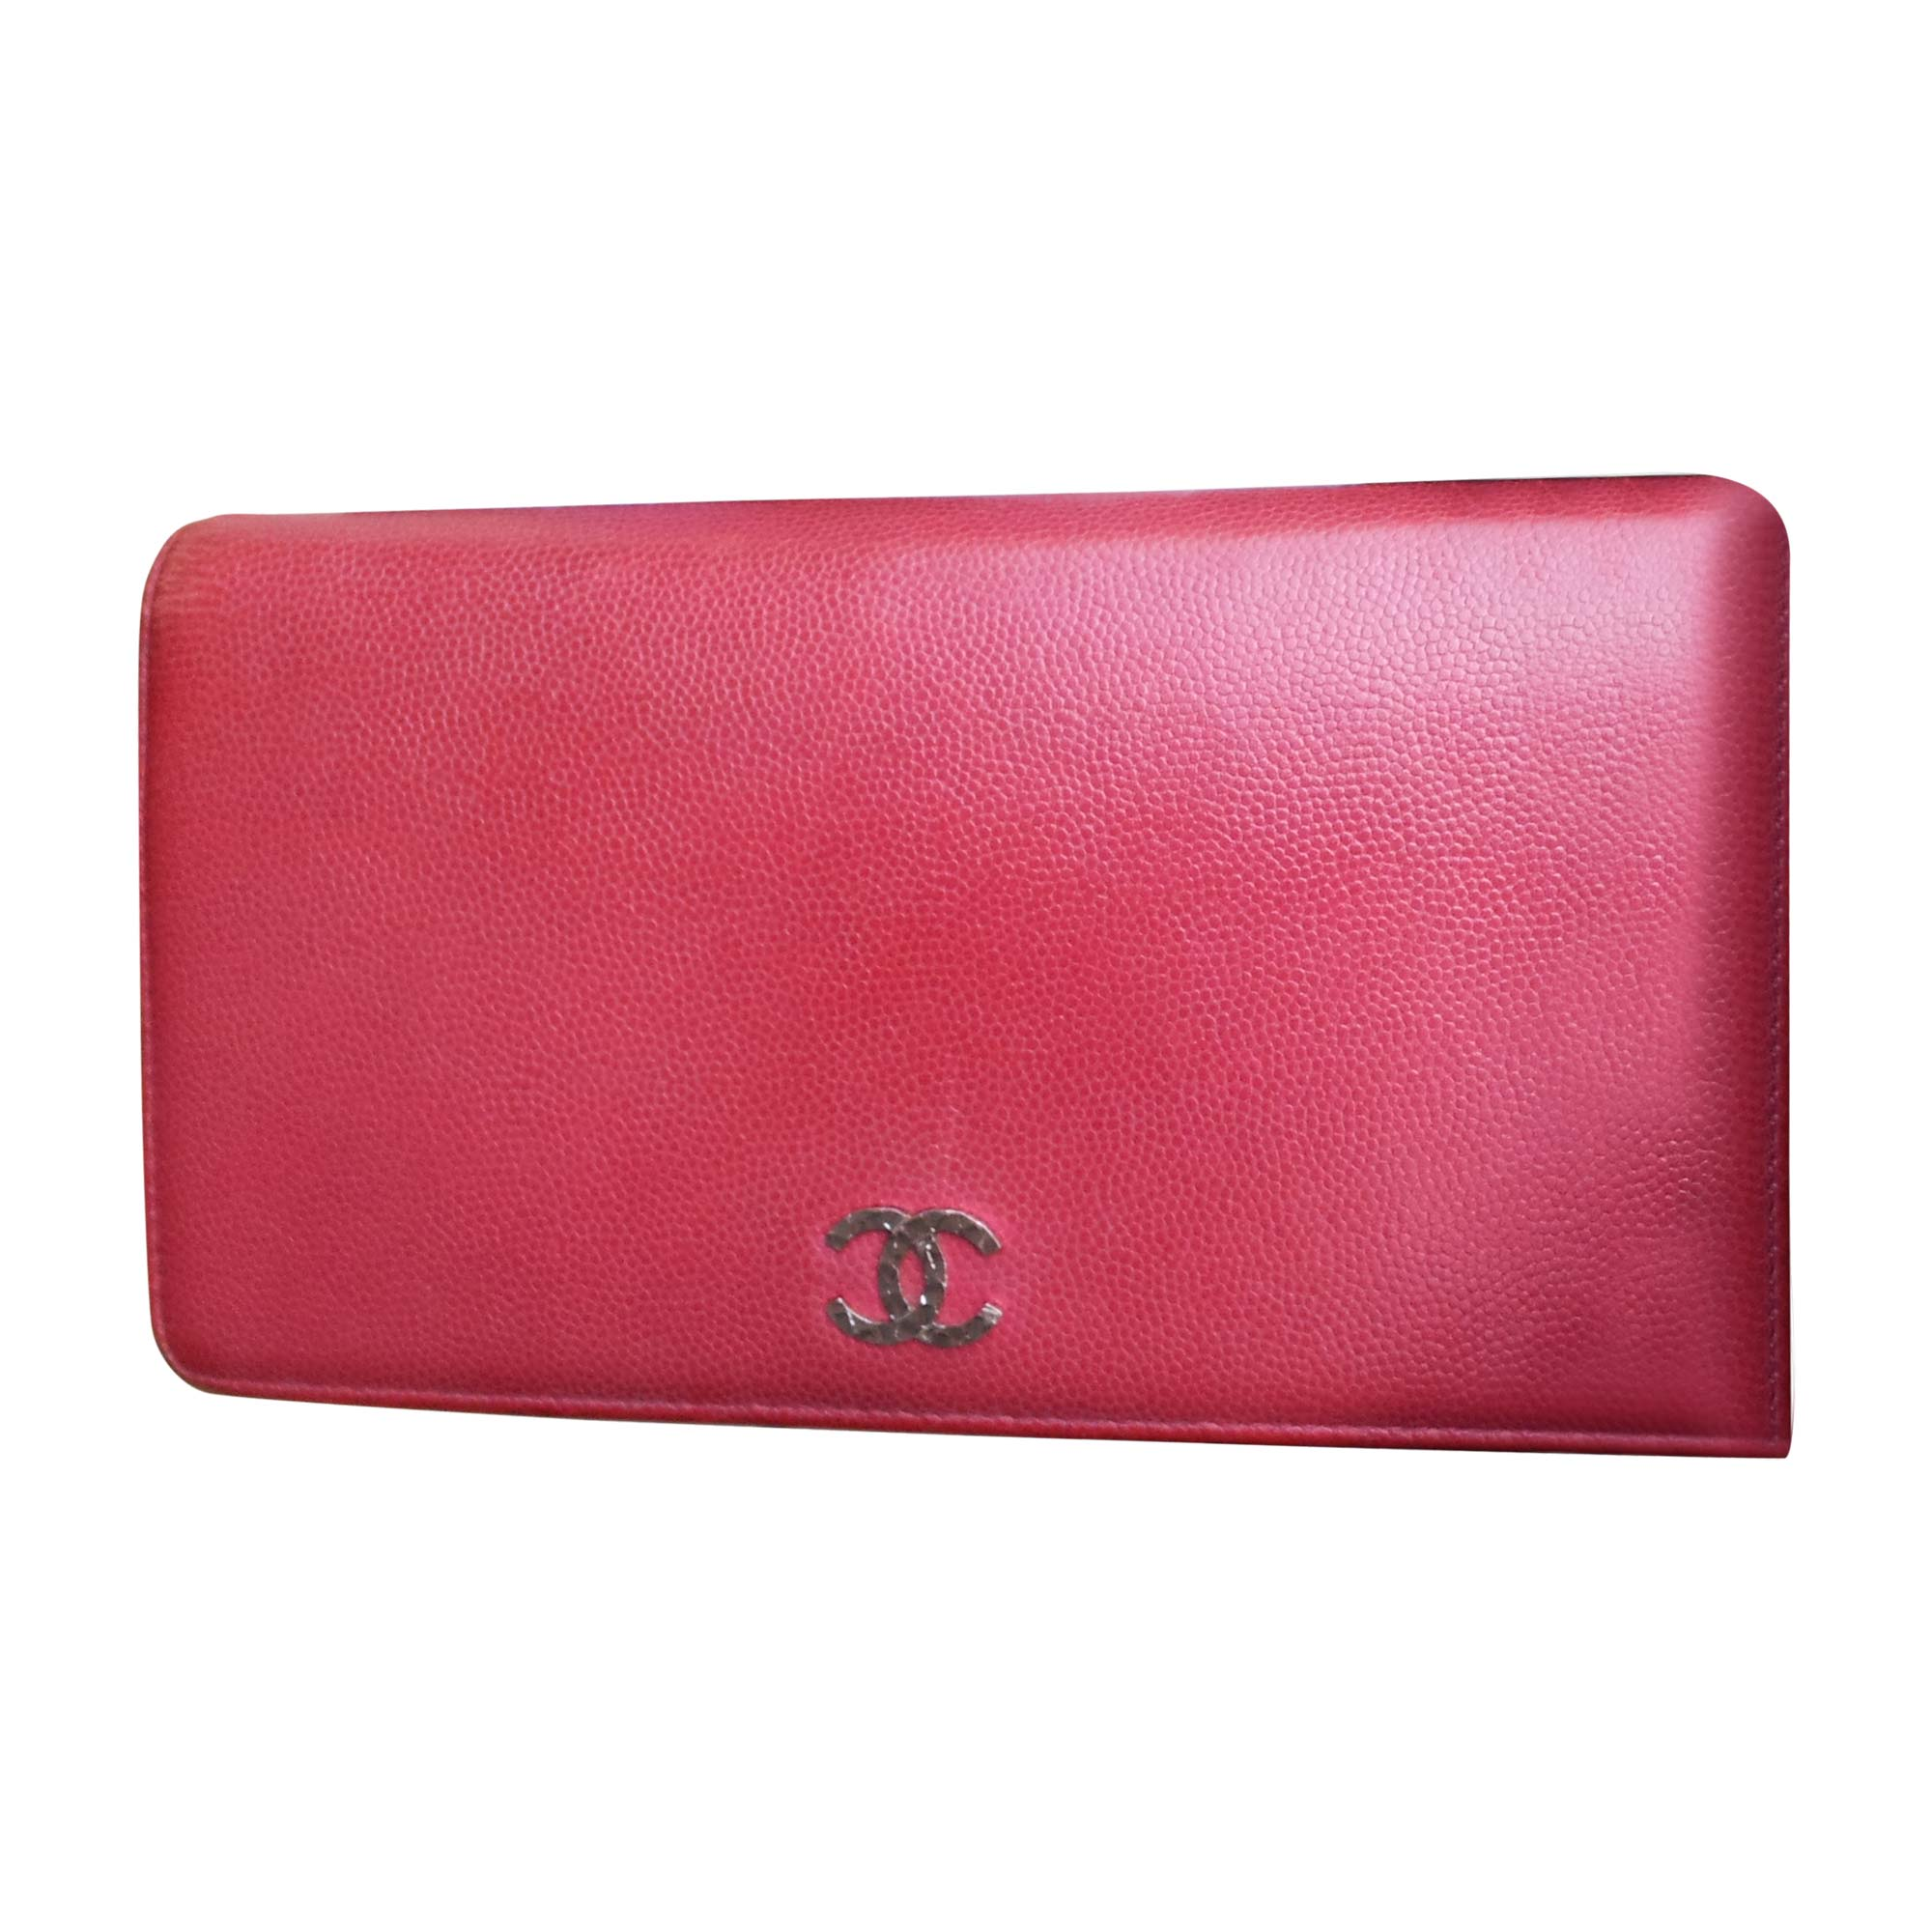 Portefeuille CHANEL rose vendu par Coco498422 - 7626518 9dc2e6d0f08